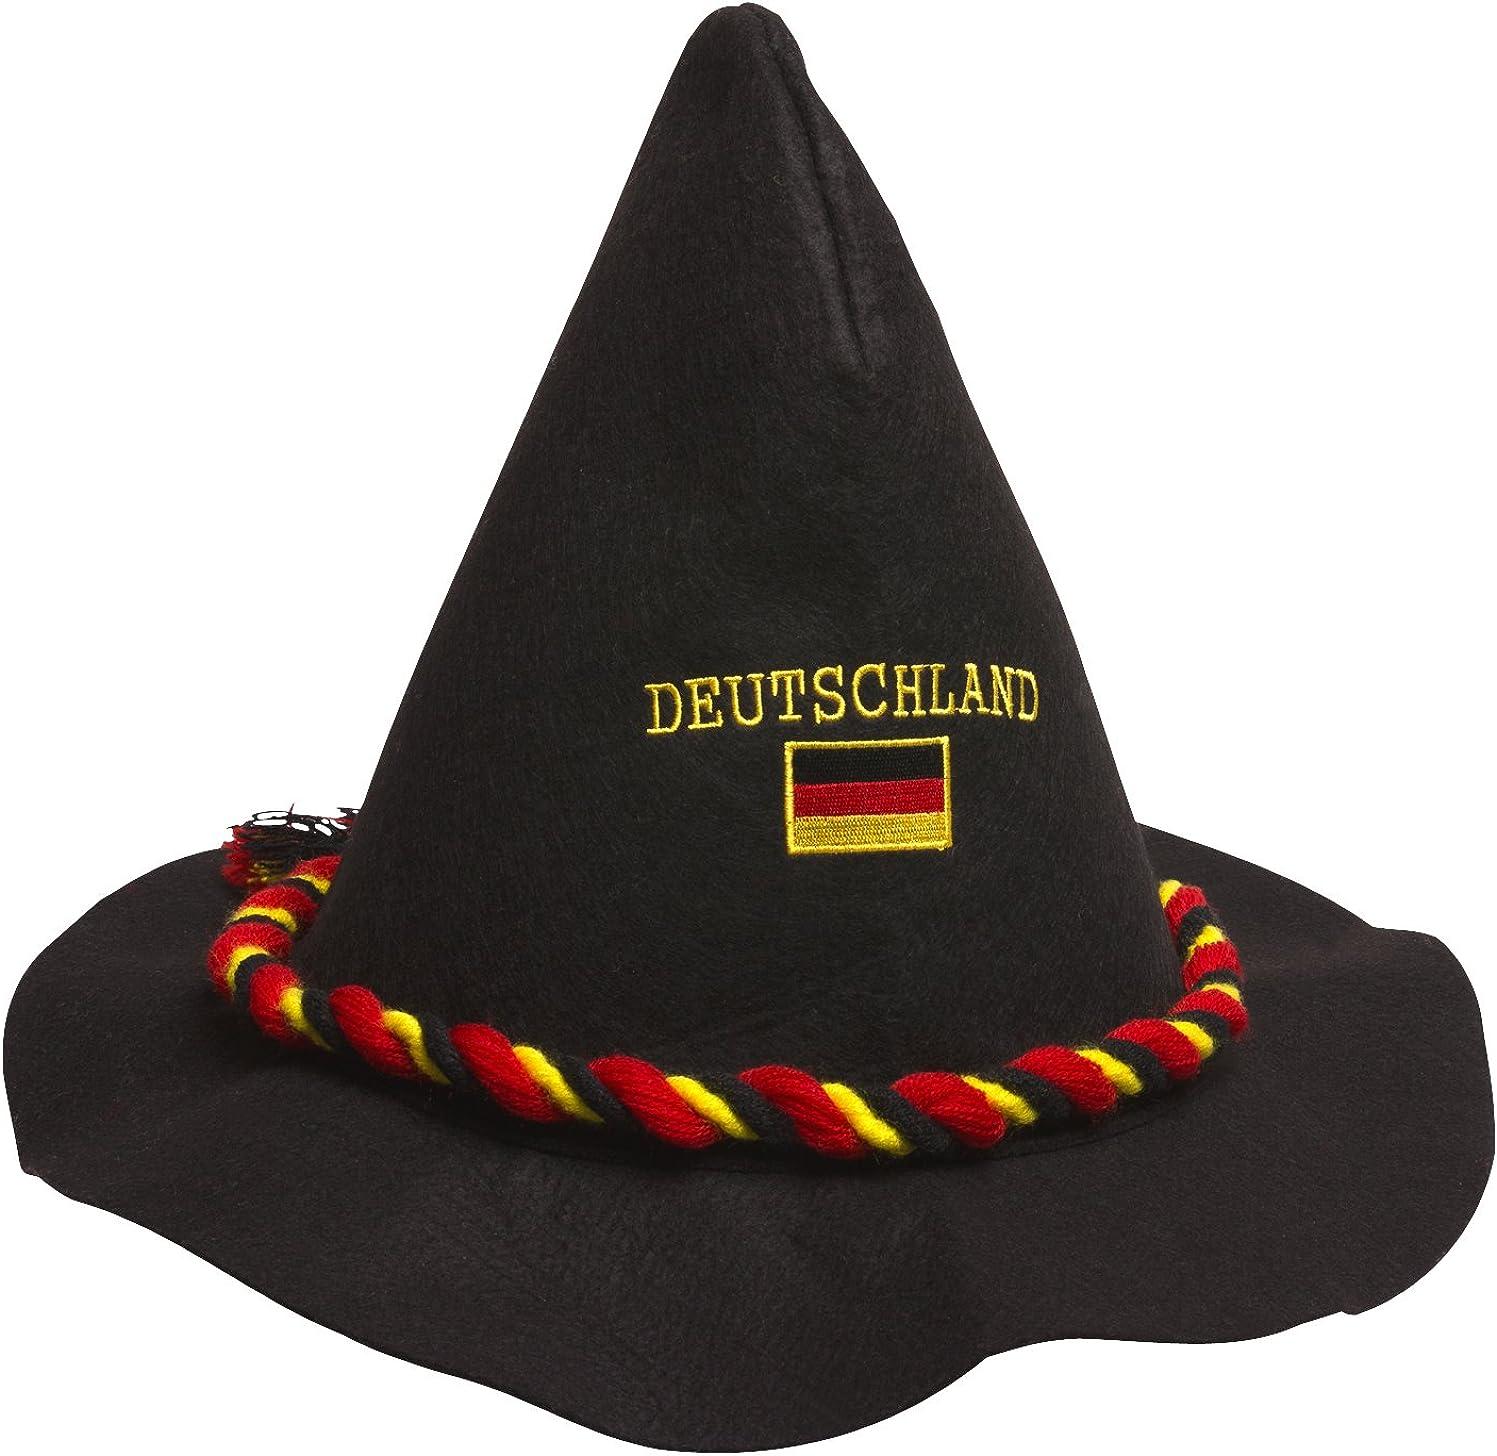 Fanartikel Fanhut Trachtenhut mit Deutschlandflagge EM 2020 elasto Bayrischer Filzhut Schwarz Deutschland